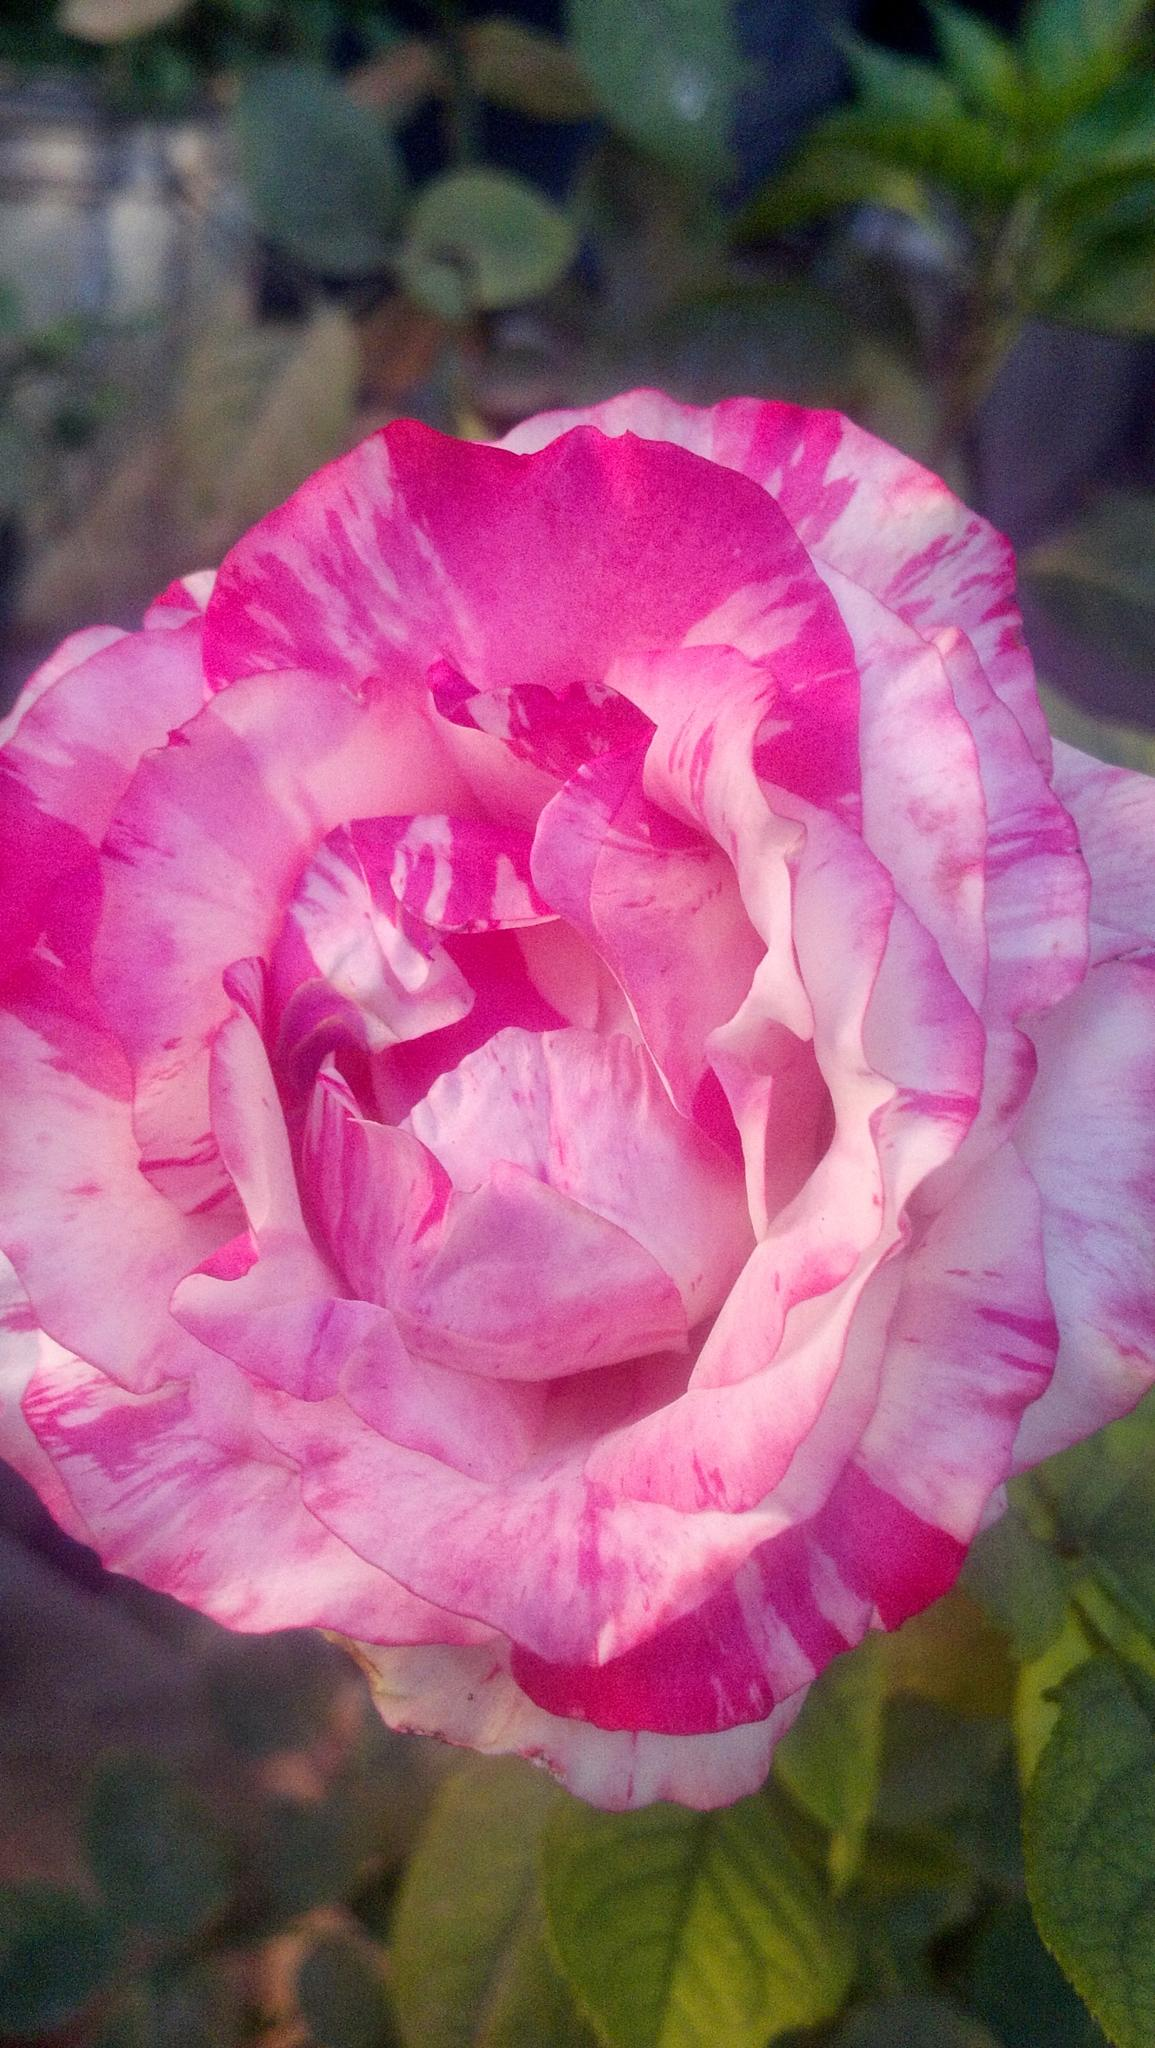 flower by alvin.cordova.37